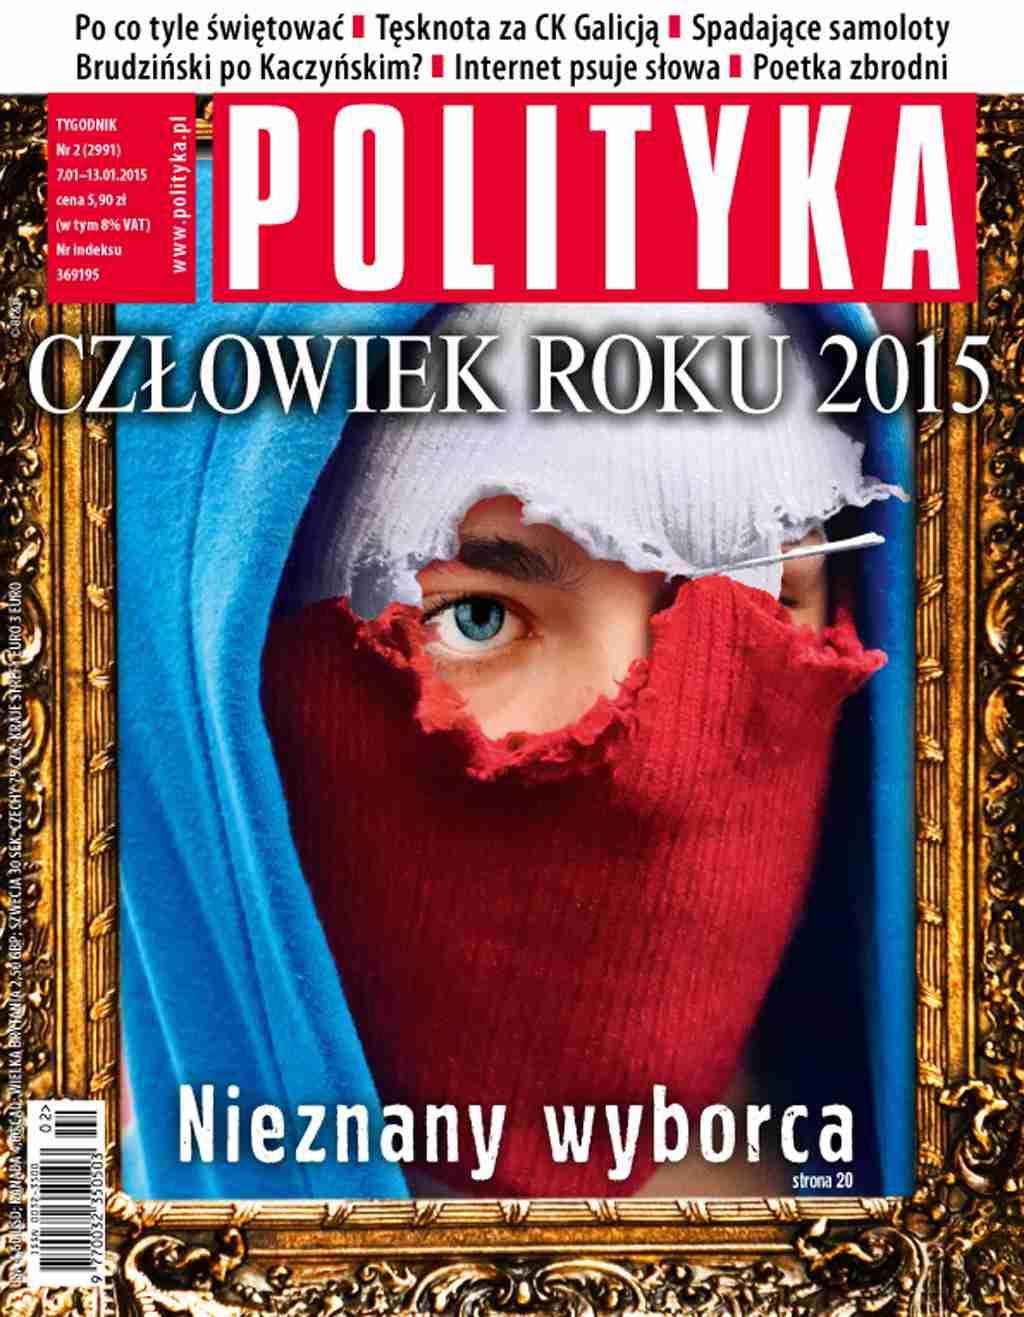 Polityka nr 2/2015 - Ebook (Książka PDF) do pobrania w formacie PDF